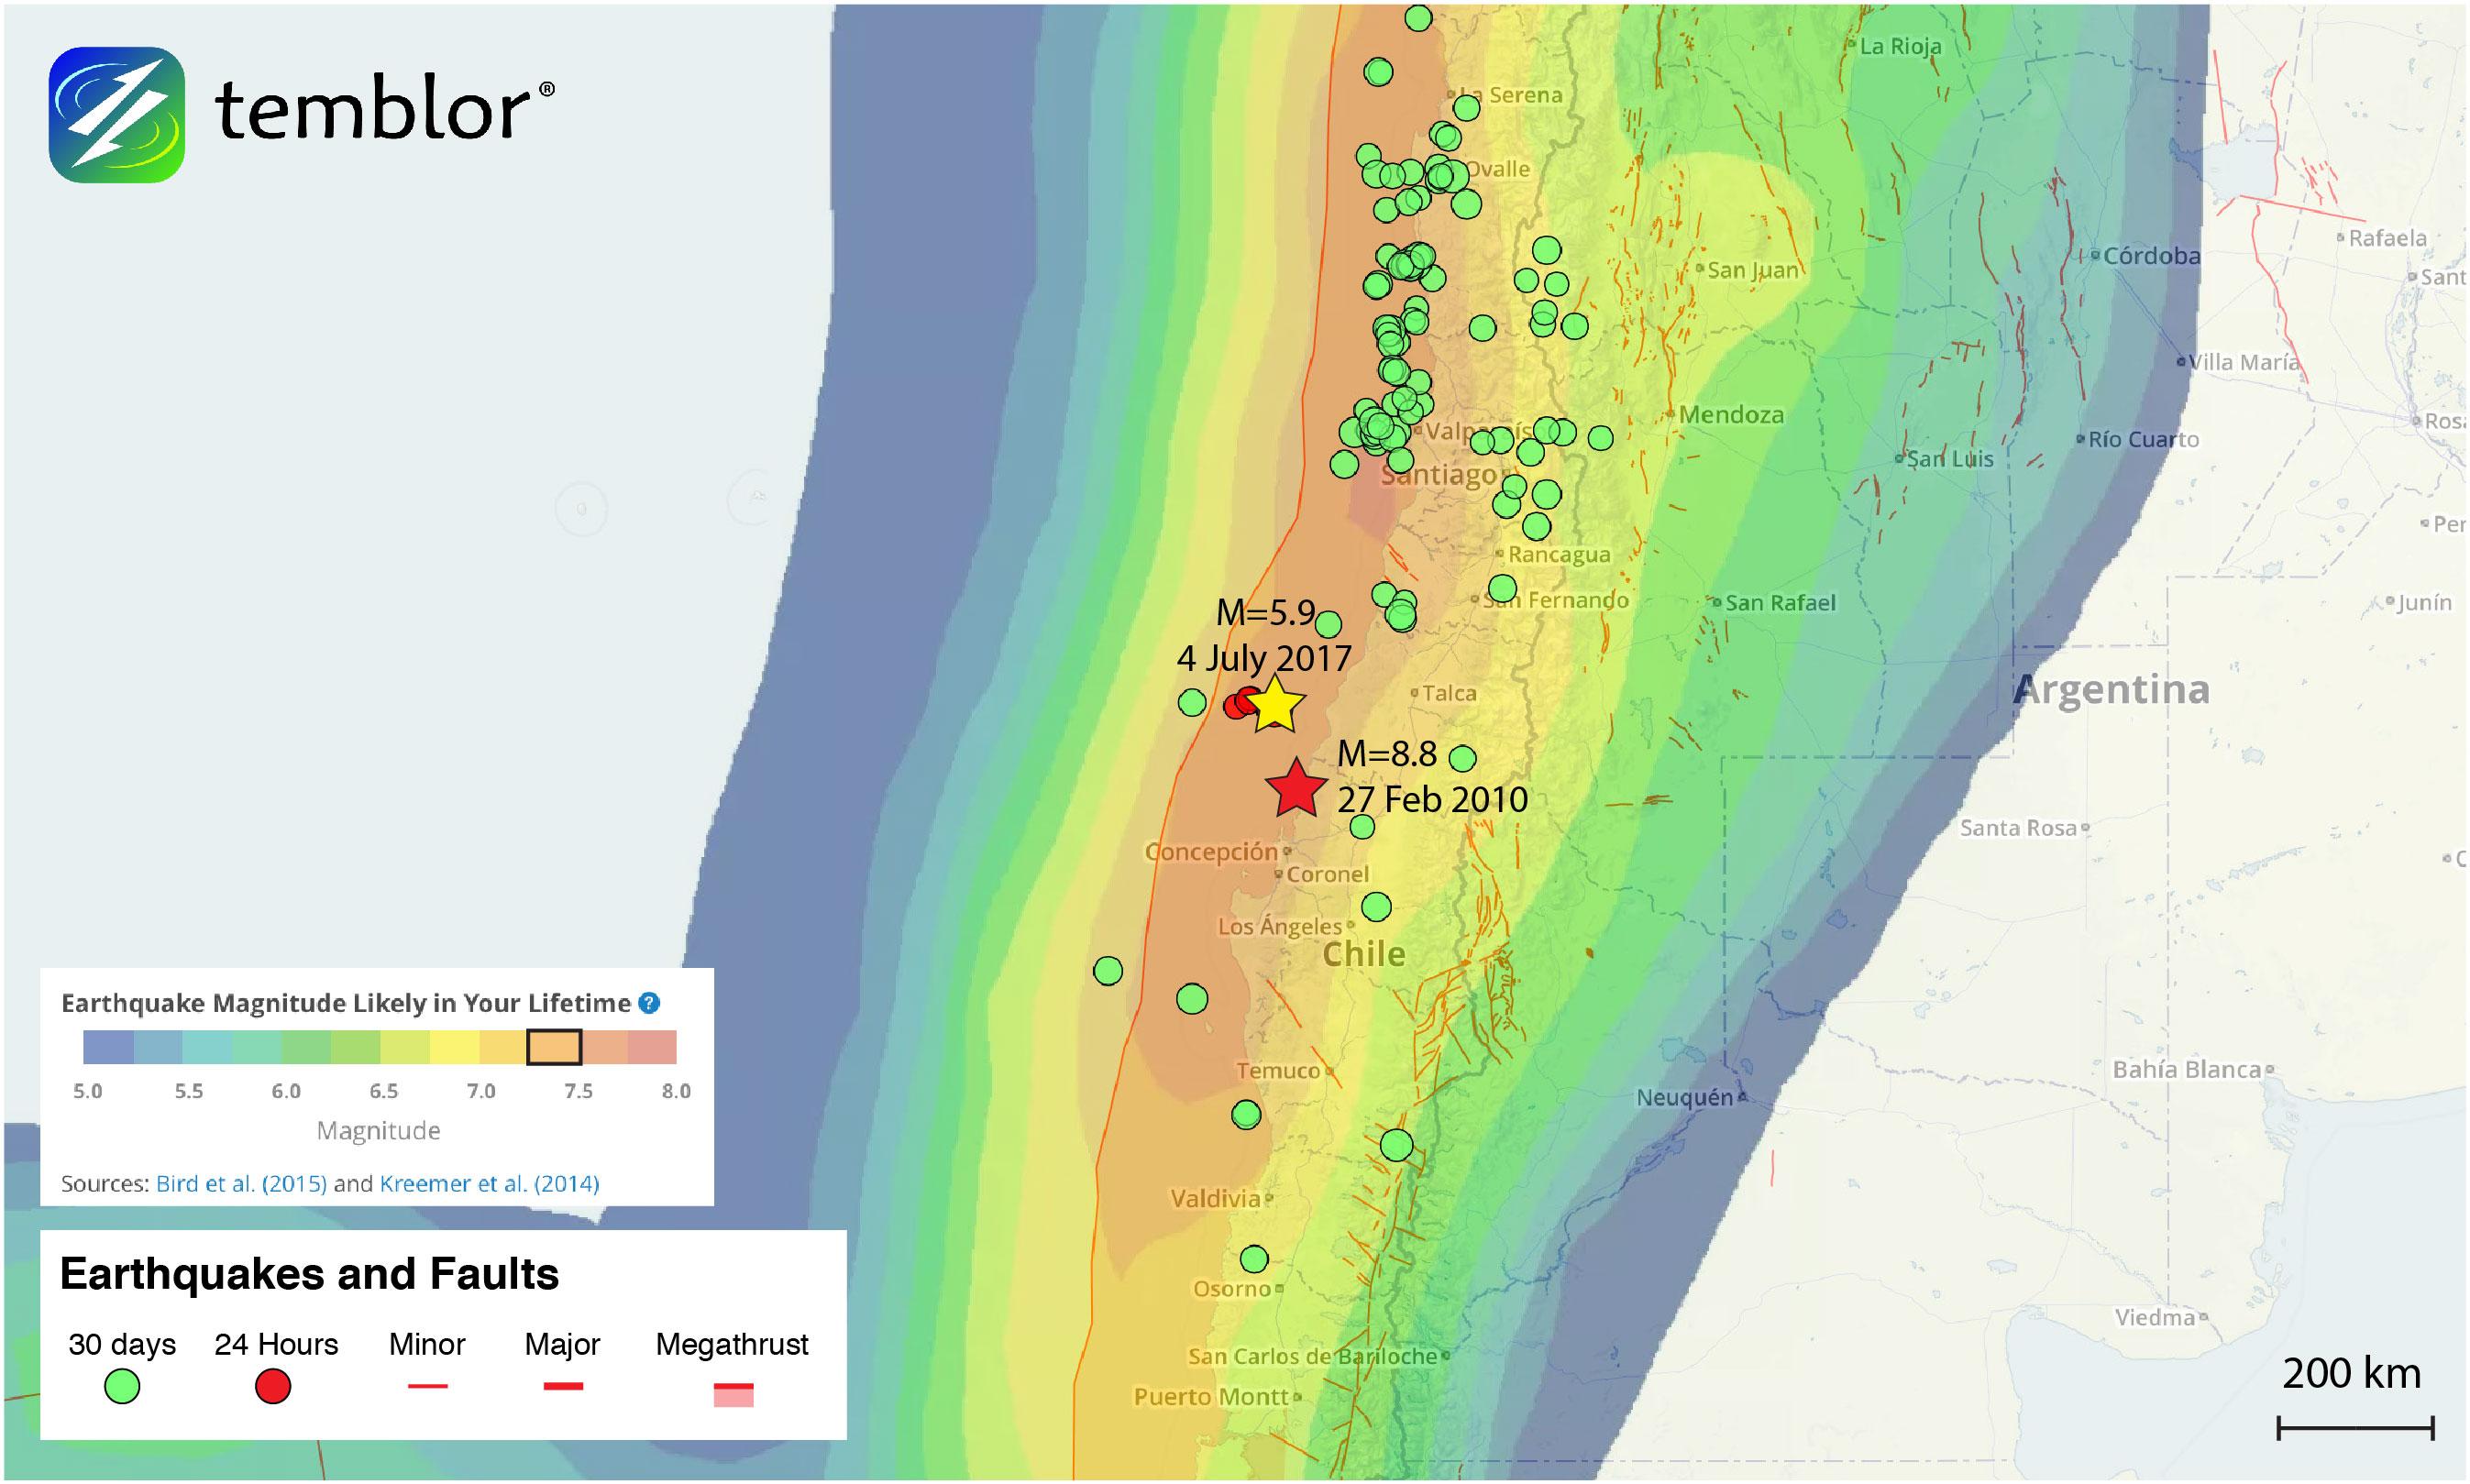 Chile earthquake gear maule earthquake map temblor chile earthquake gear maule earthquake map gumiabroncs Images